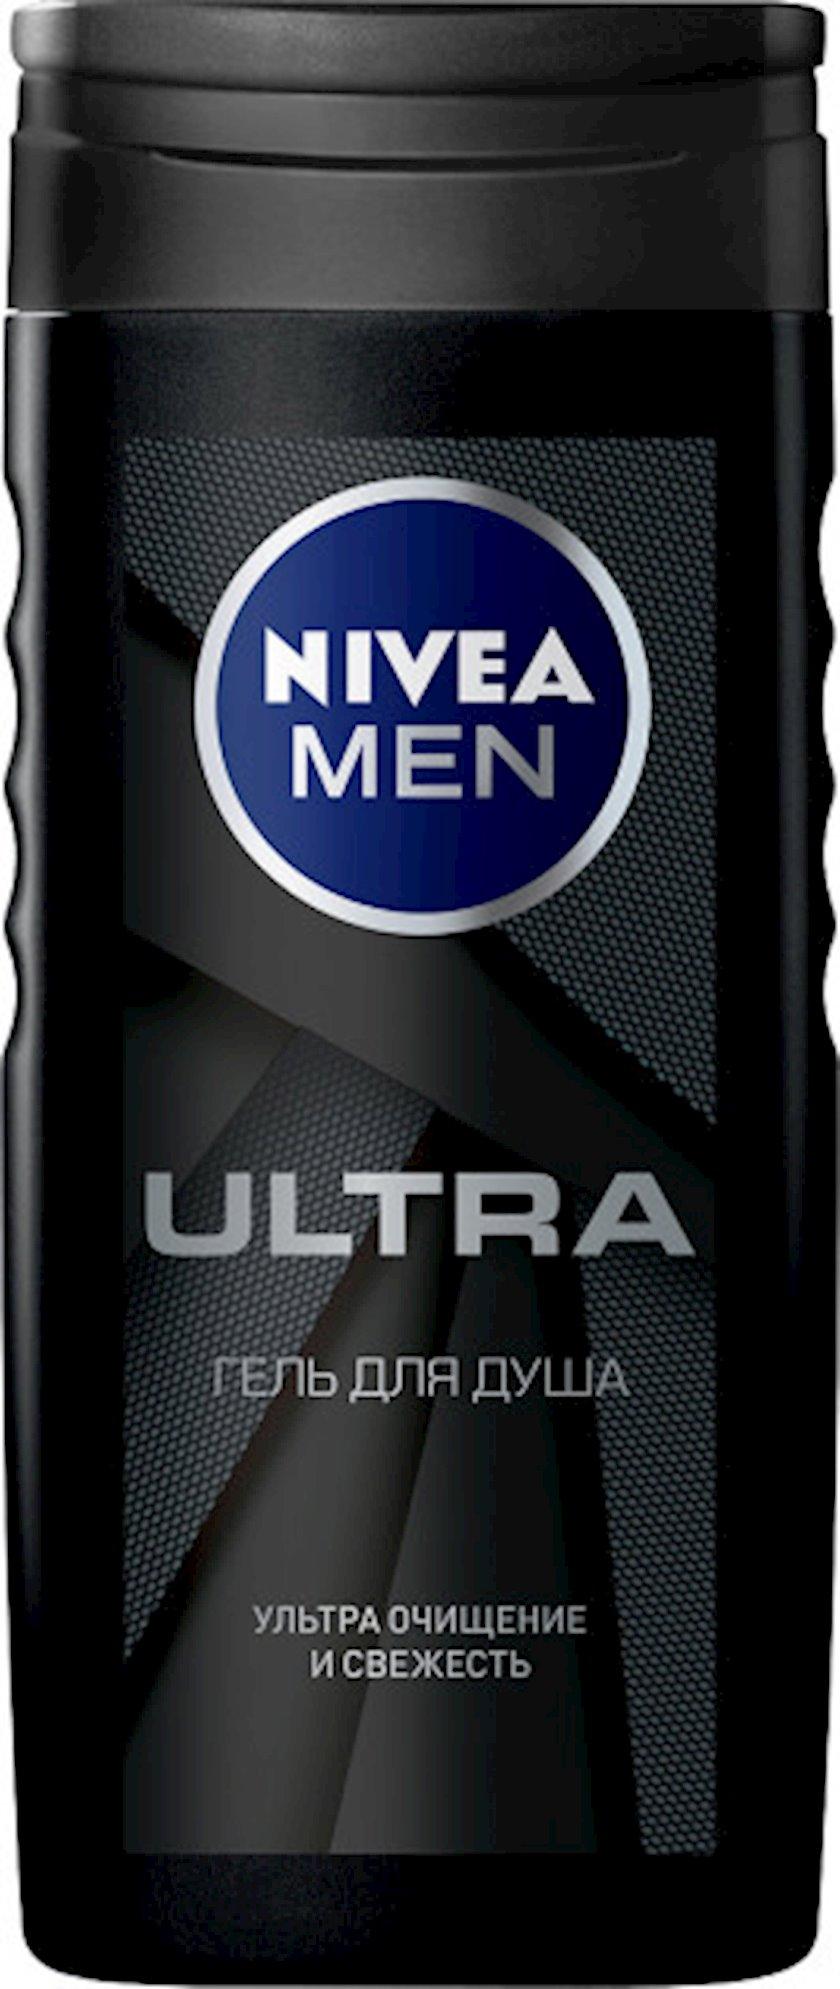 Duş üçün gel Nivea Men Ultra kişilər üçün təbii gil ilə 250 ml